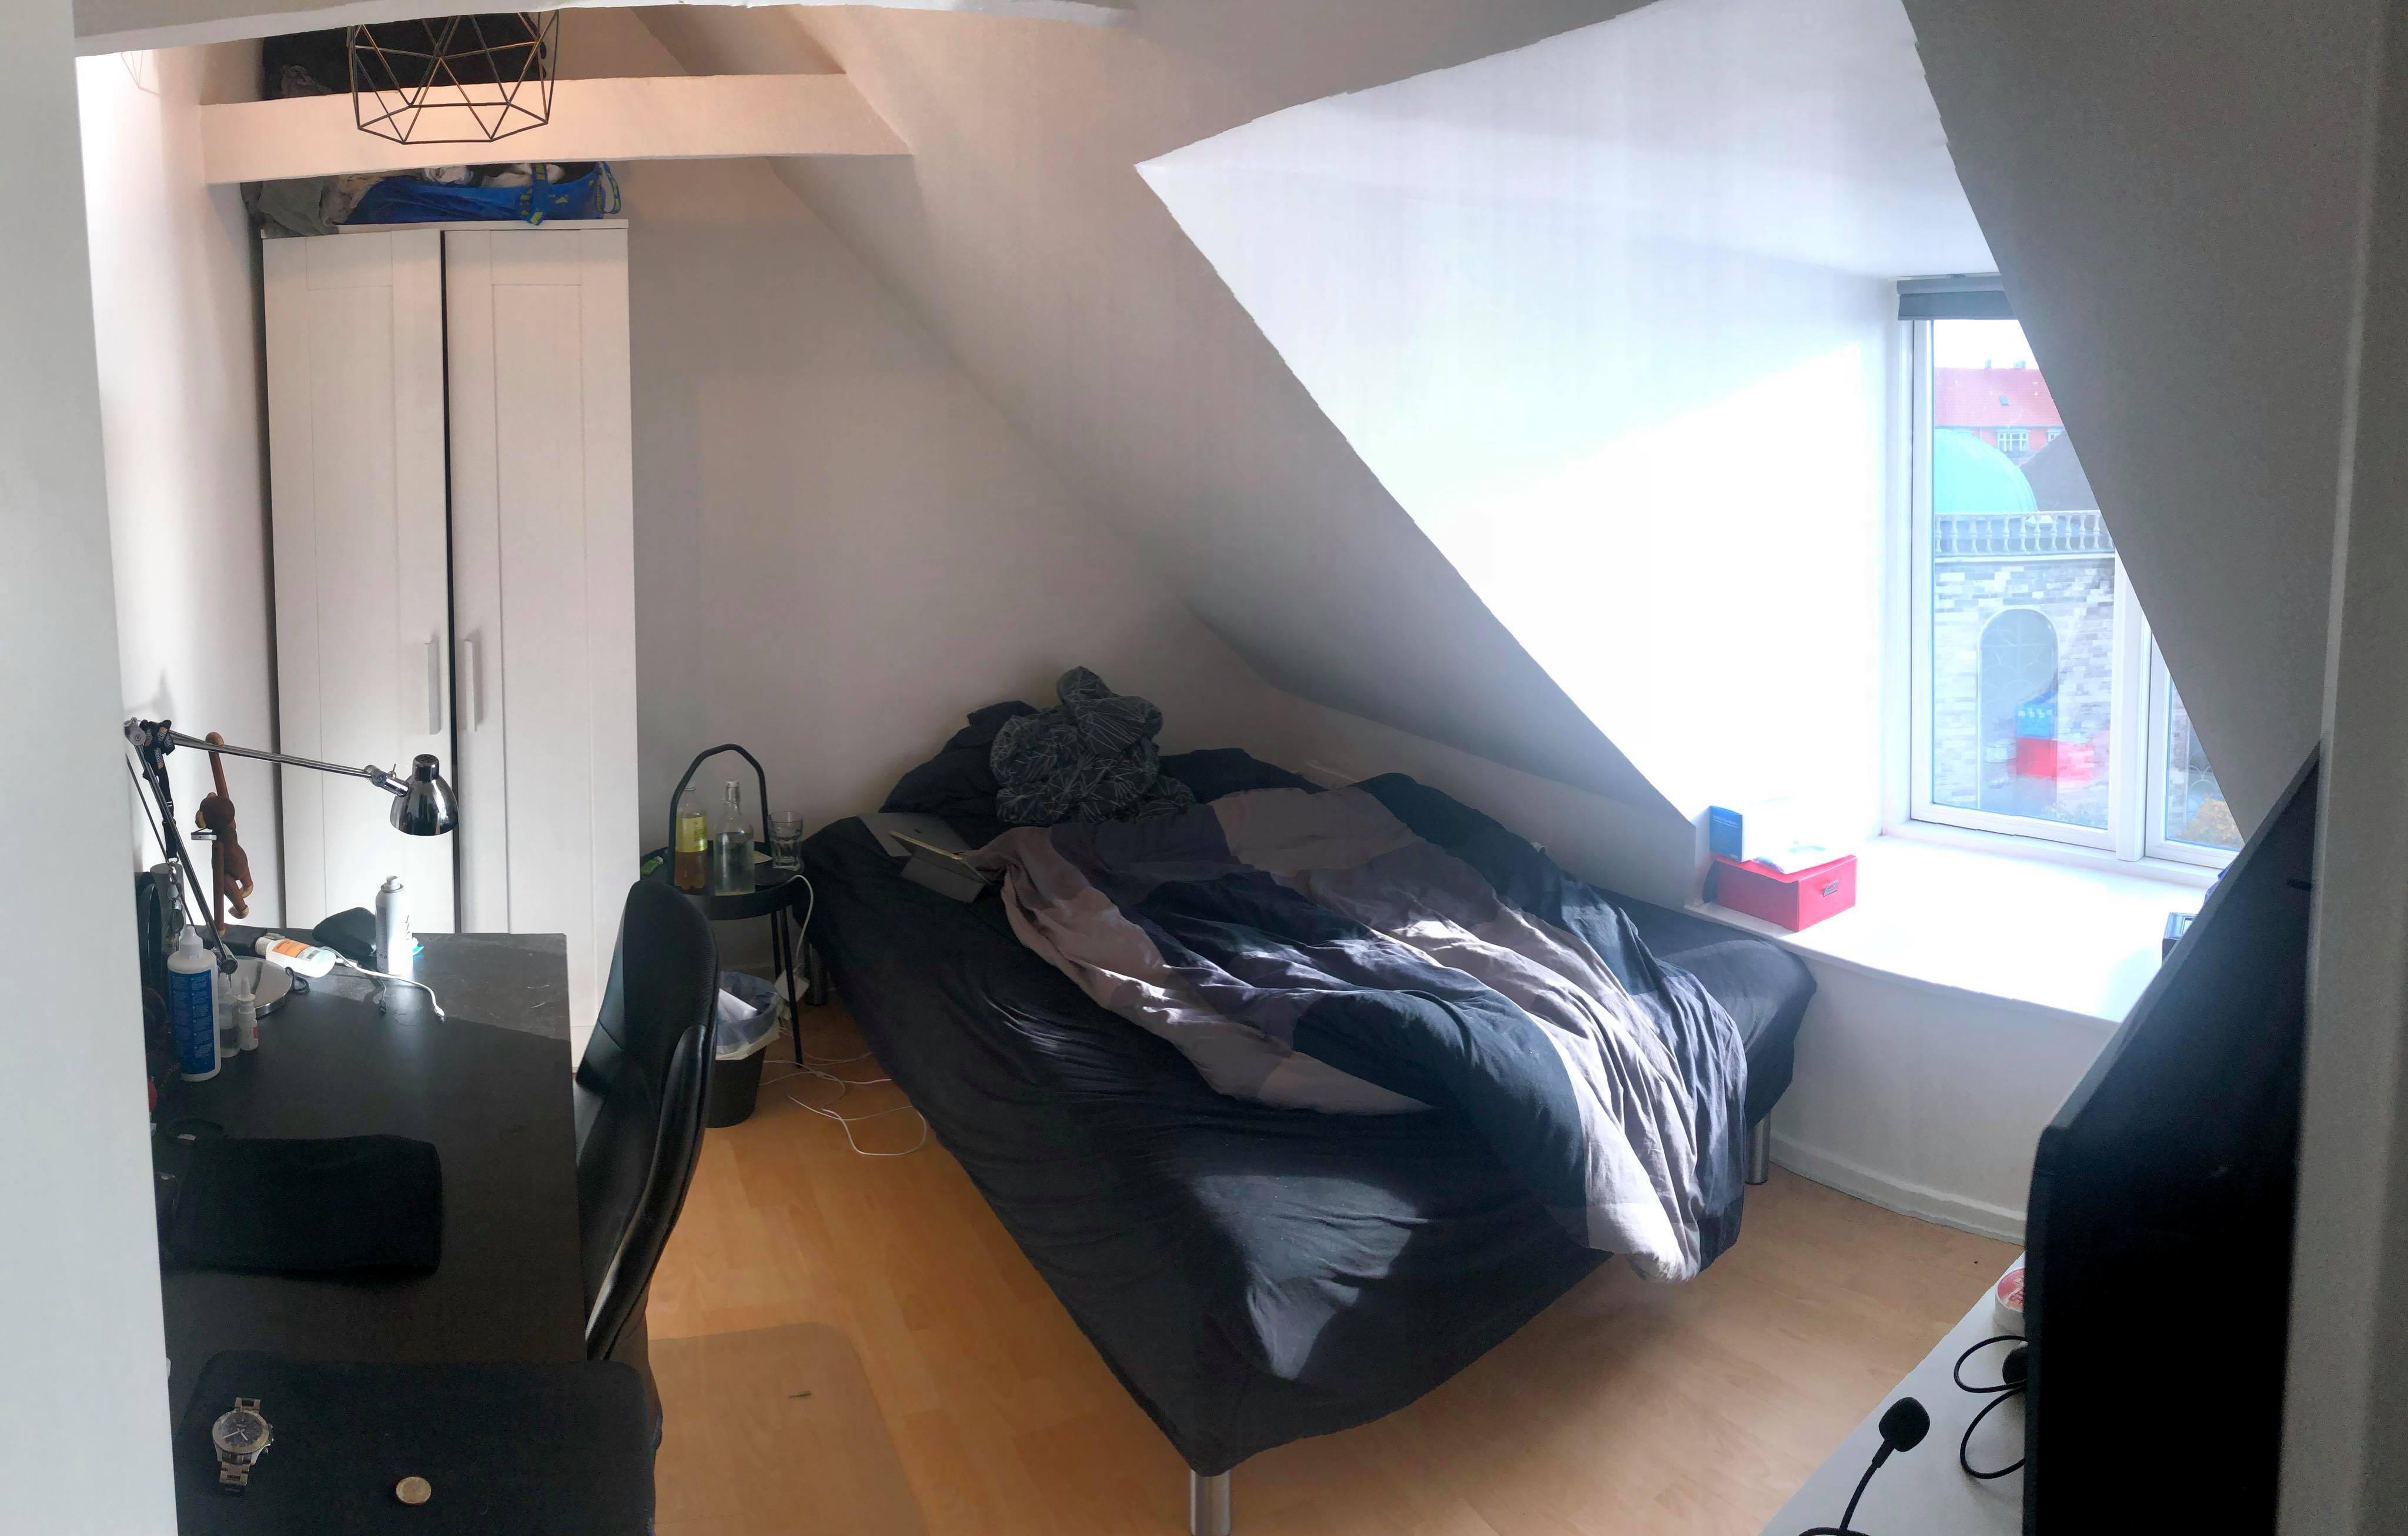 Ubegrænset leje af værelse i Aarhus C